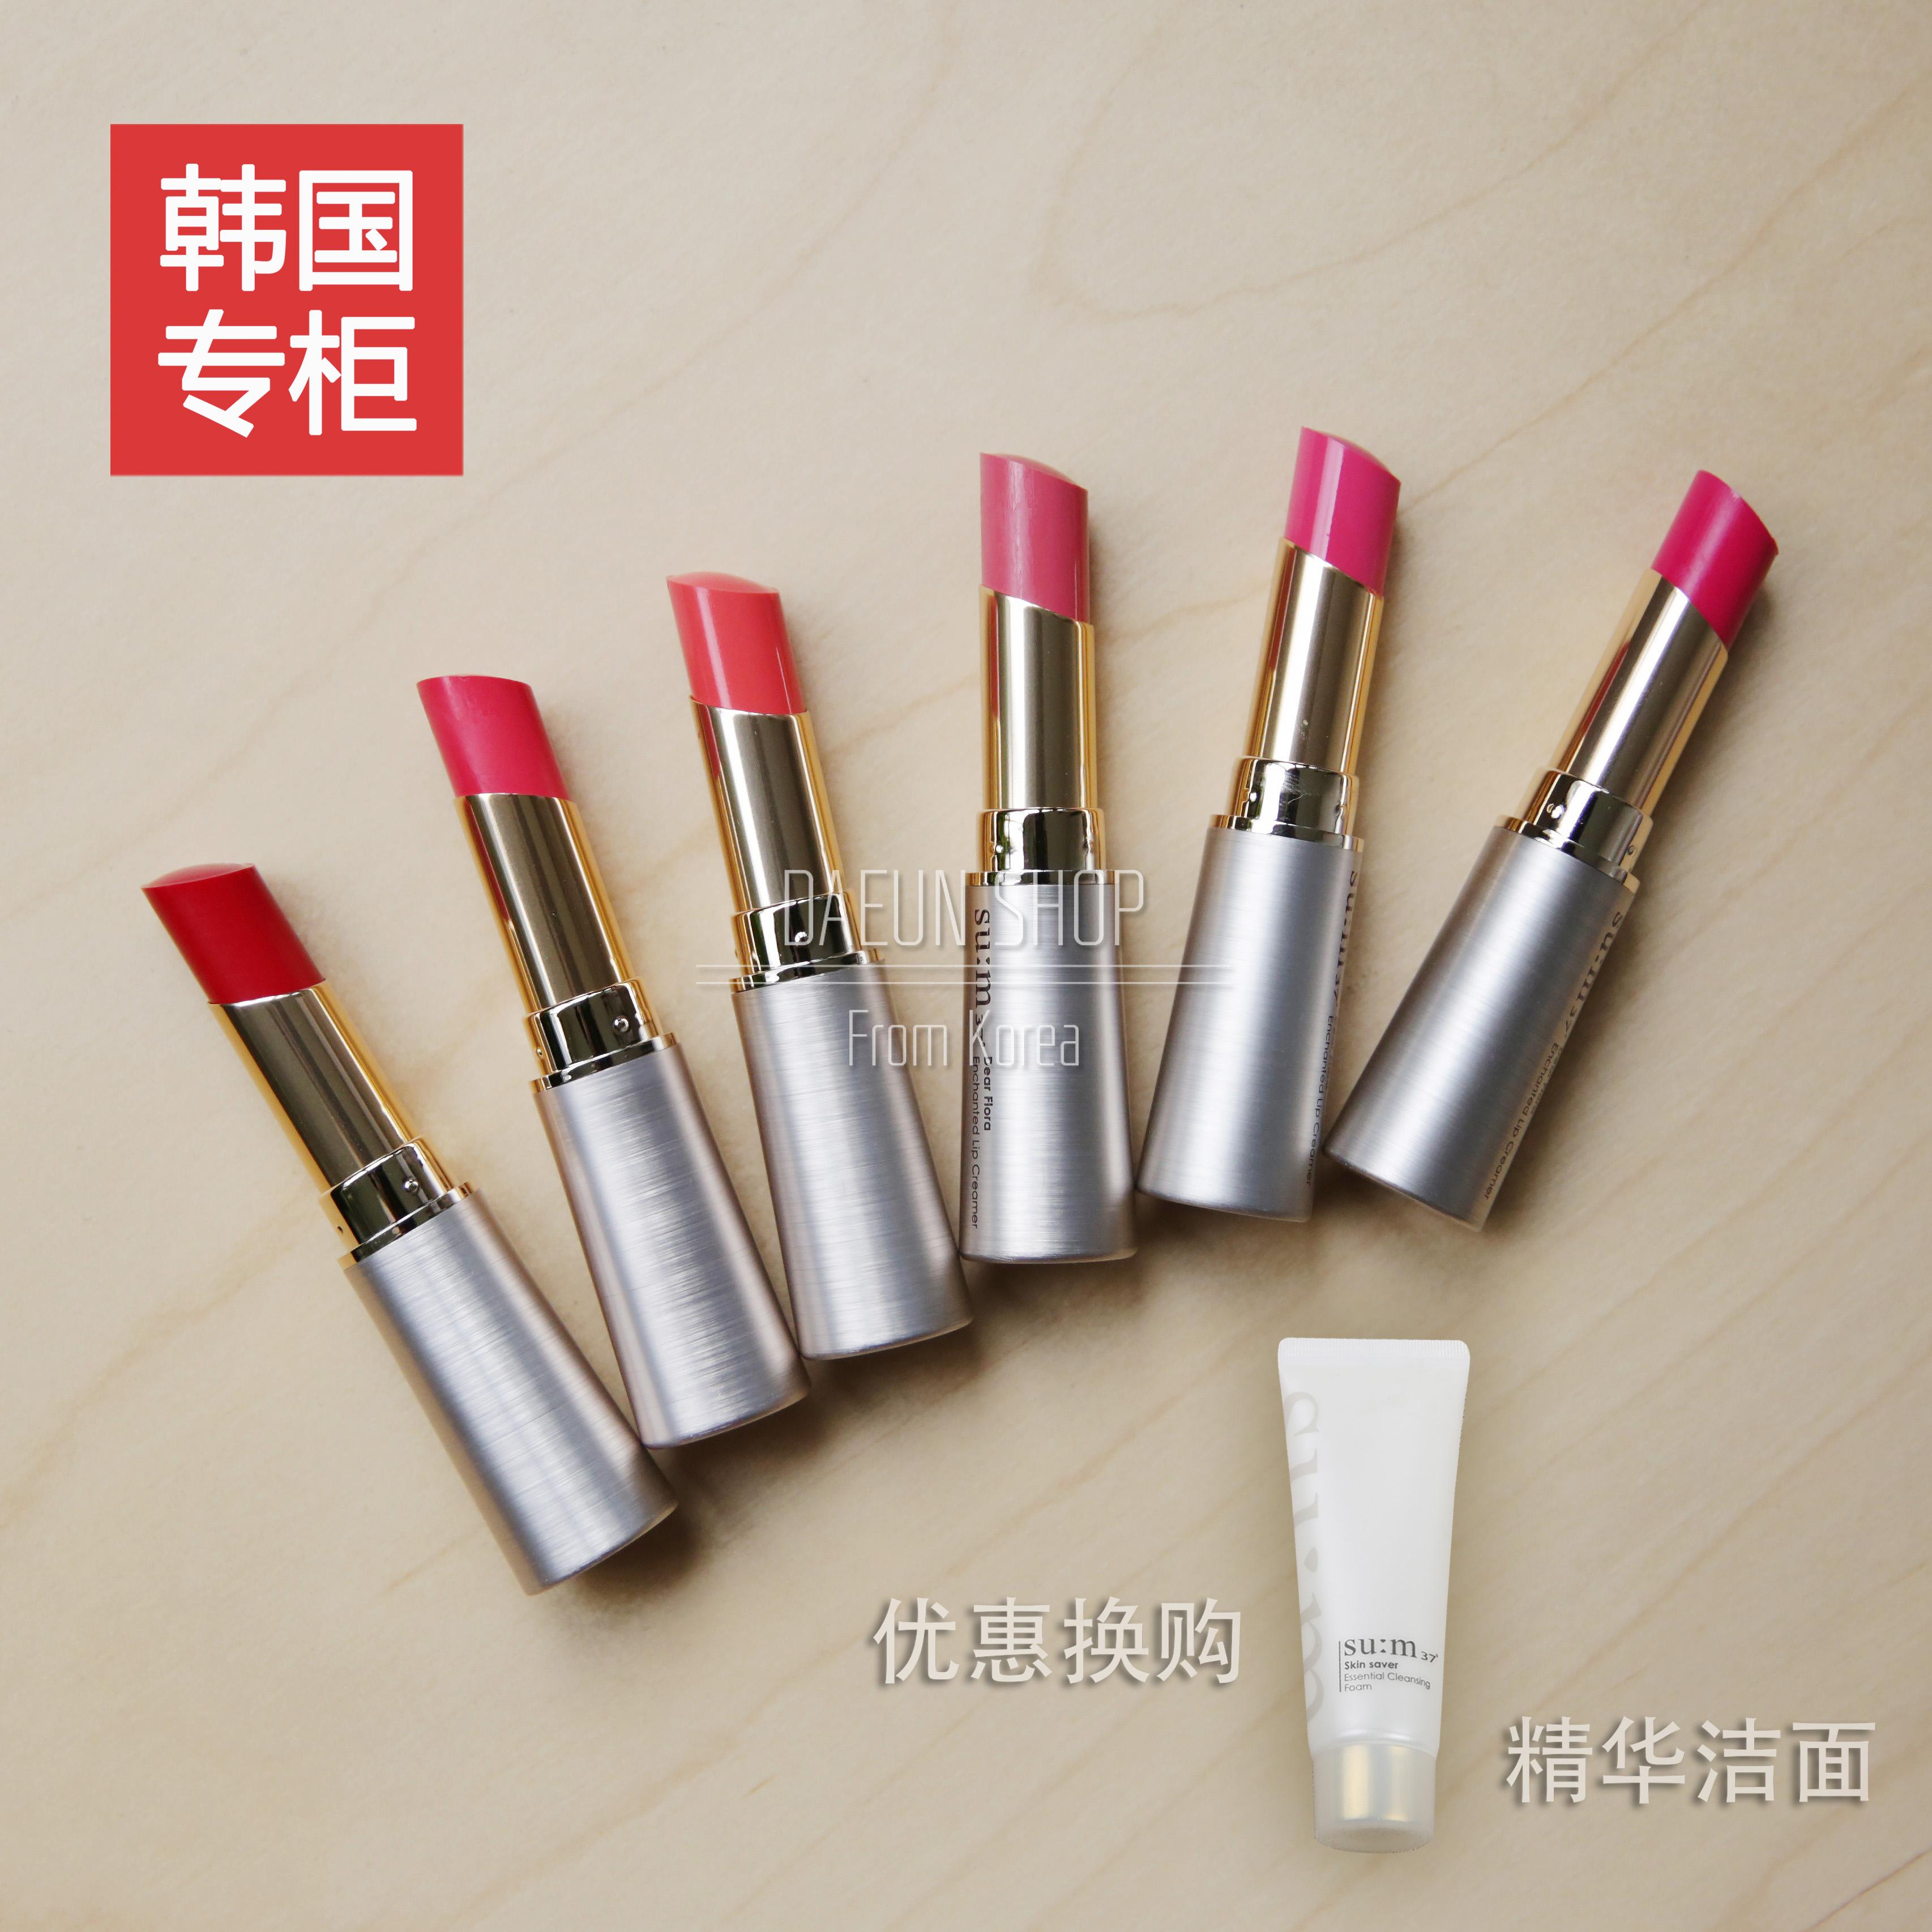 特价韩国专柜Sum37苏秘呼吸口红植物花瓣发酵唇膏无添加孕妇可用